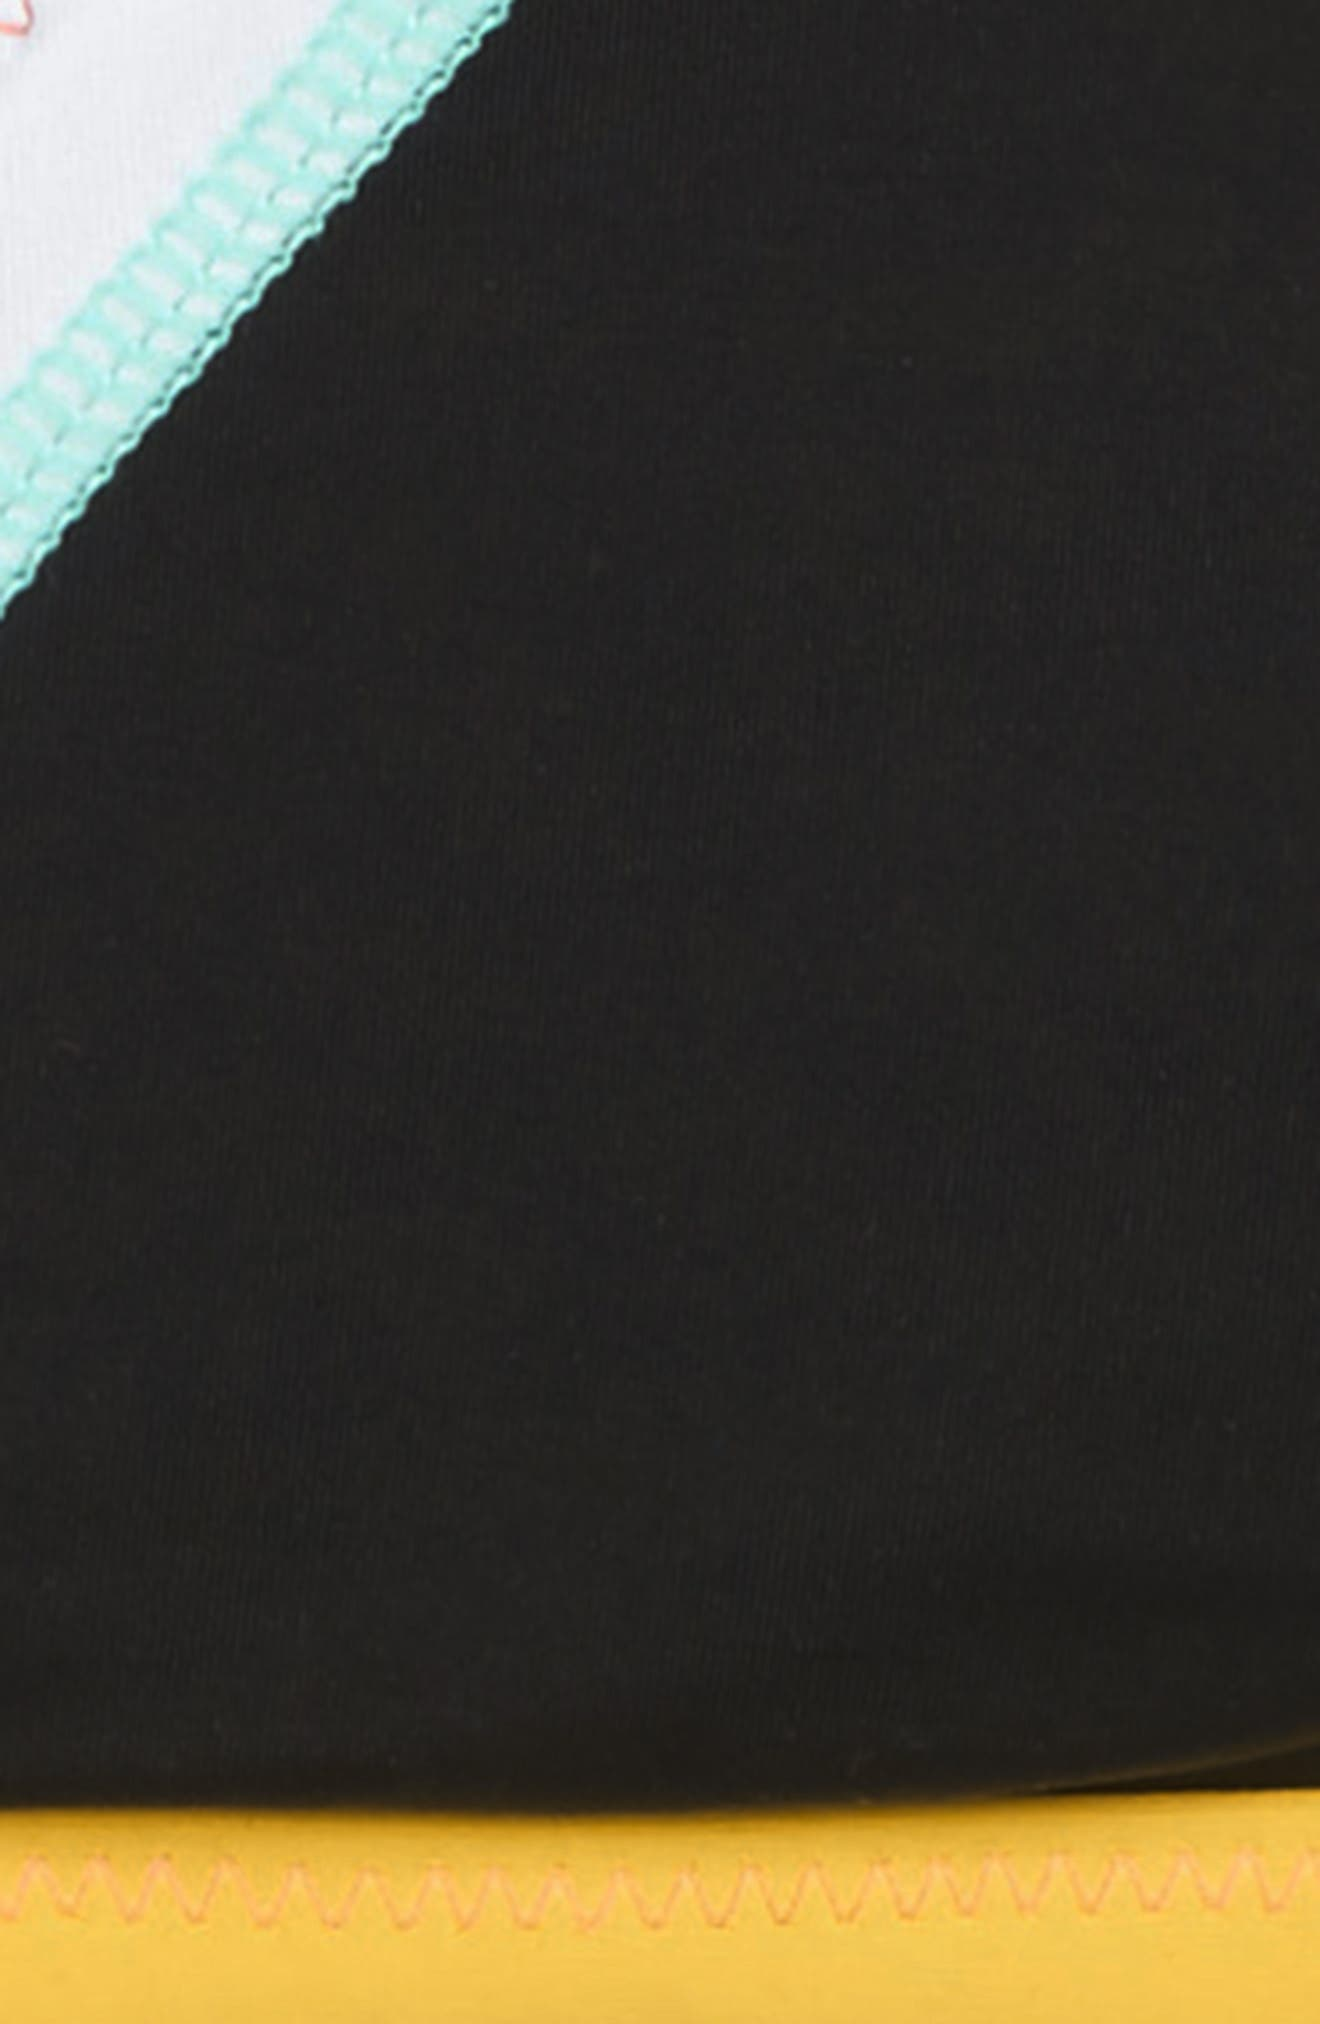 HOBIE, Stitch Perfect Two-Piece Swimsuit, Alternate thumbnail 2, color, BLACK